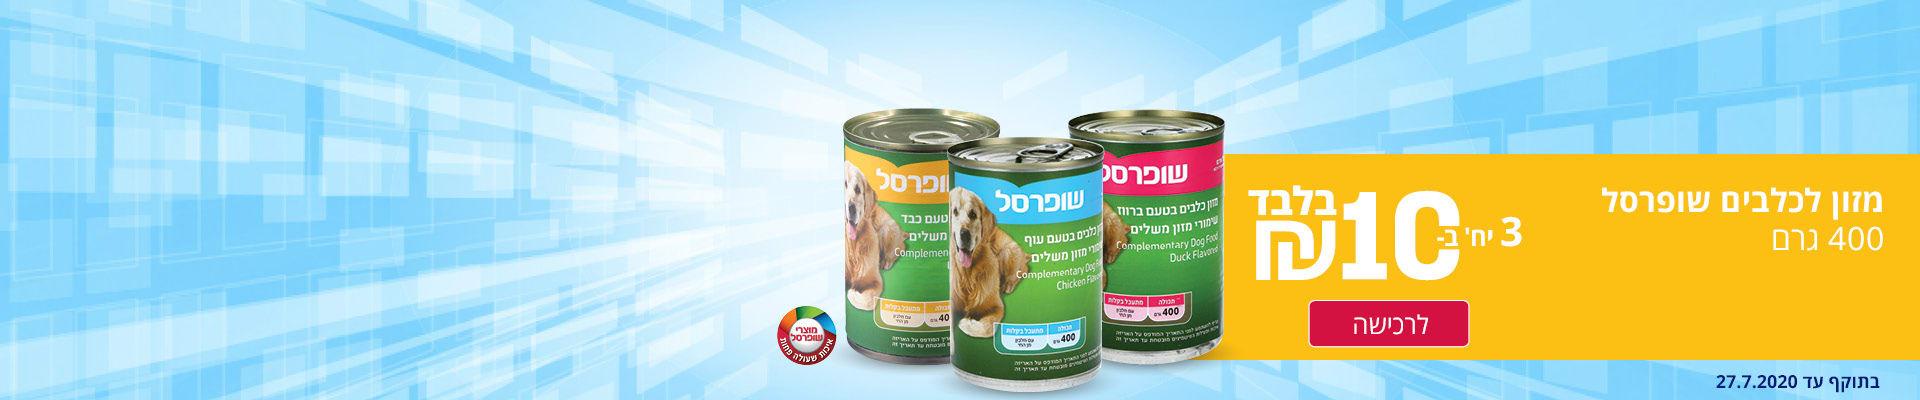 מזון לכלב שופרסל 400 גרם 3 יחידות ב 10 ₪. בתוקף עד 27.7.2020